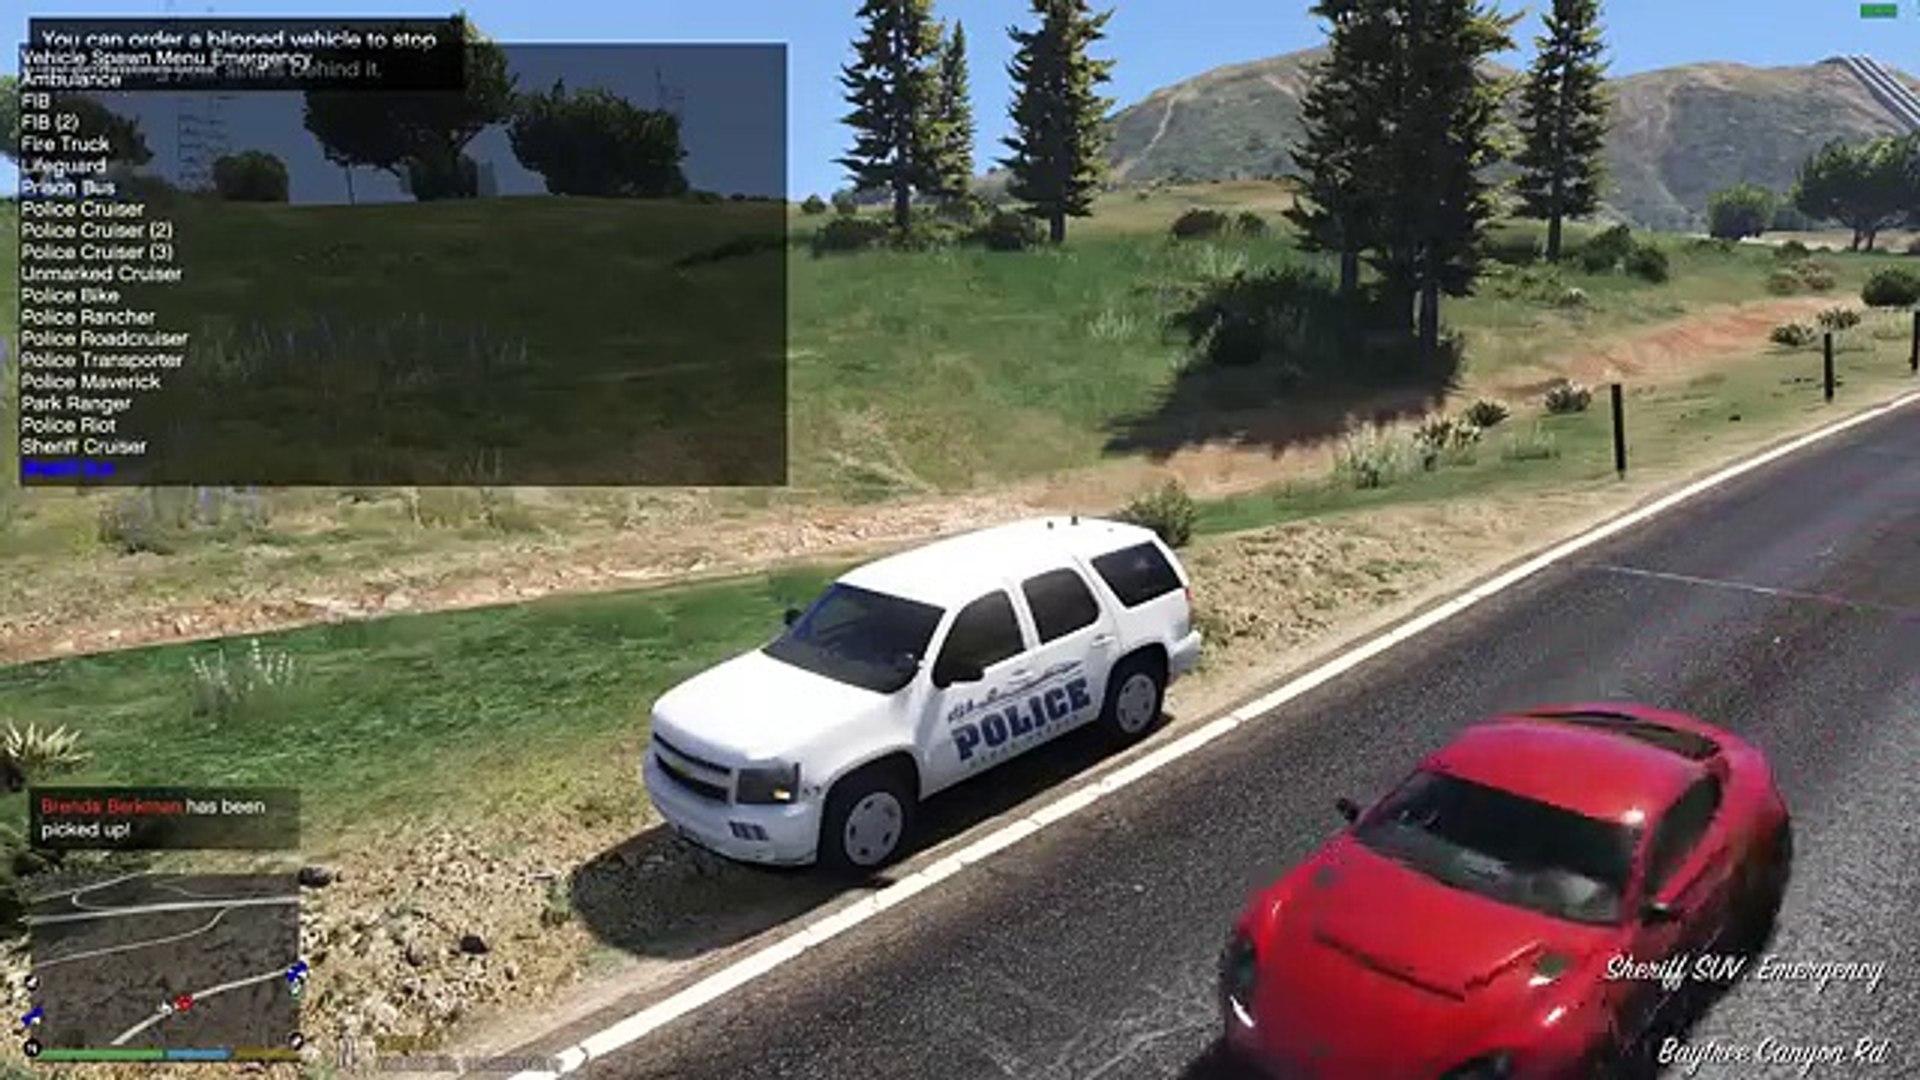 GTA 5 LSPDFR Police Mod 182 | Female Officer Gets Ambushed | Sandy Shores  Police Department Pack